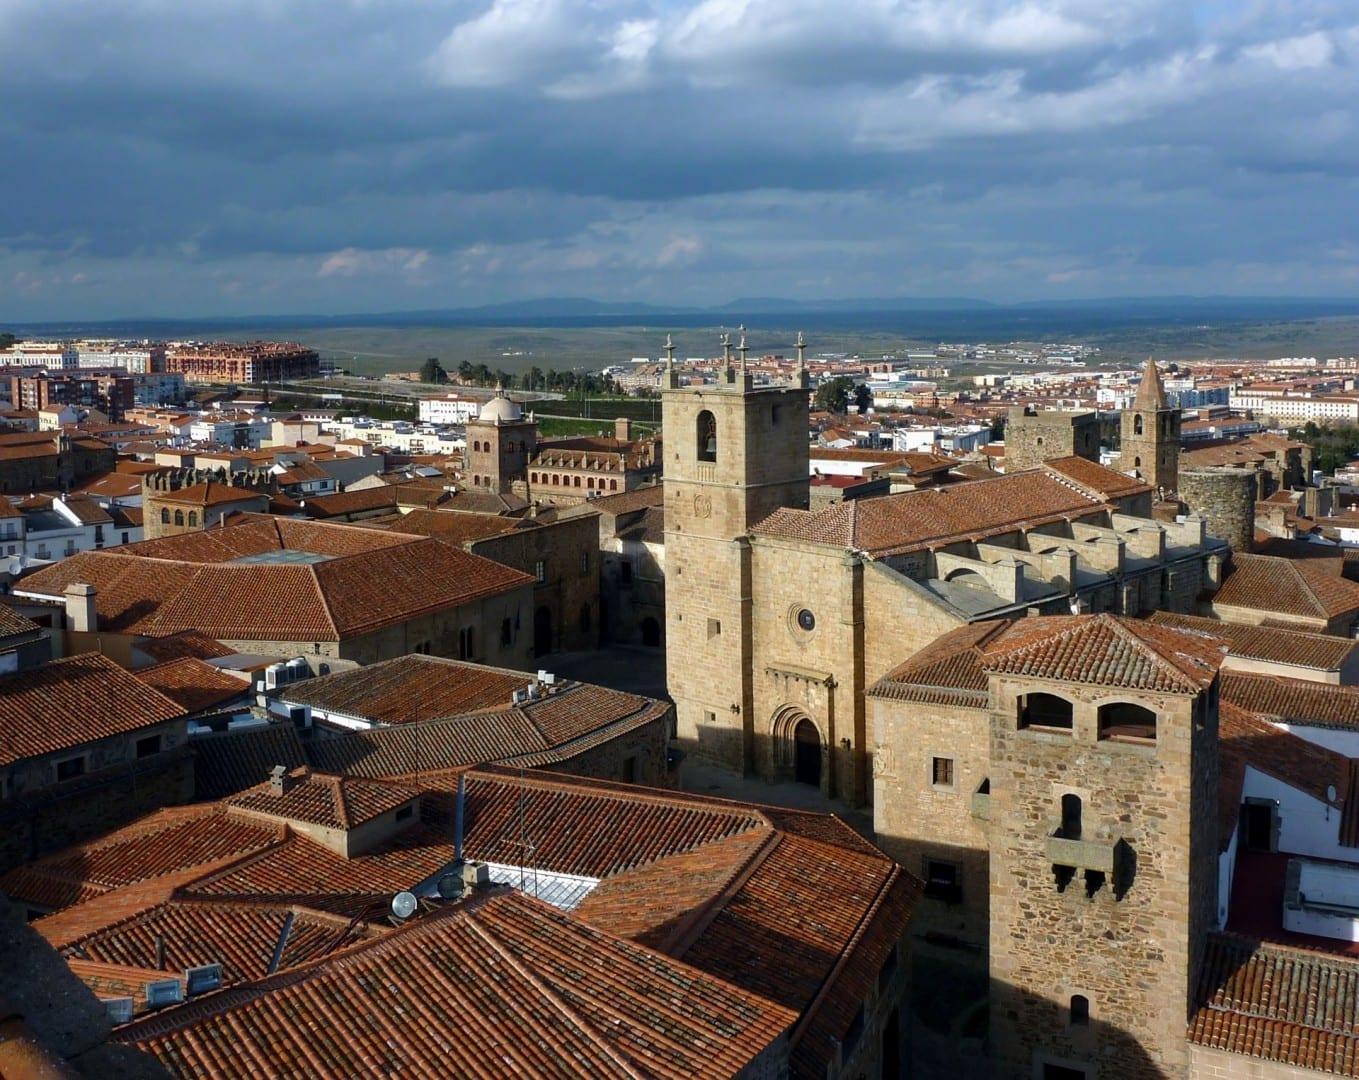 El casco antiguo de Cáceres Cáceres España